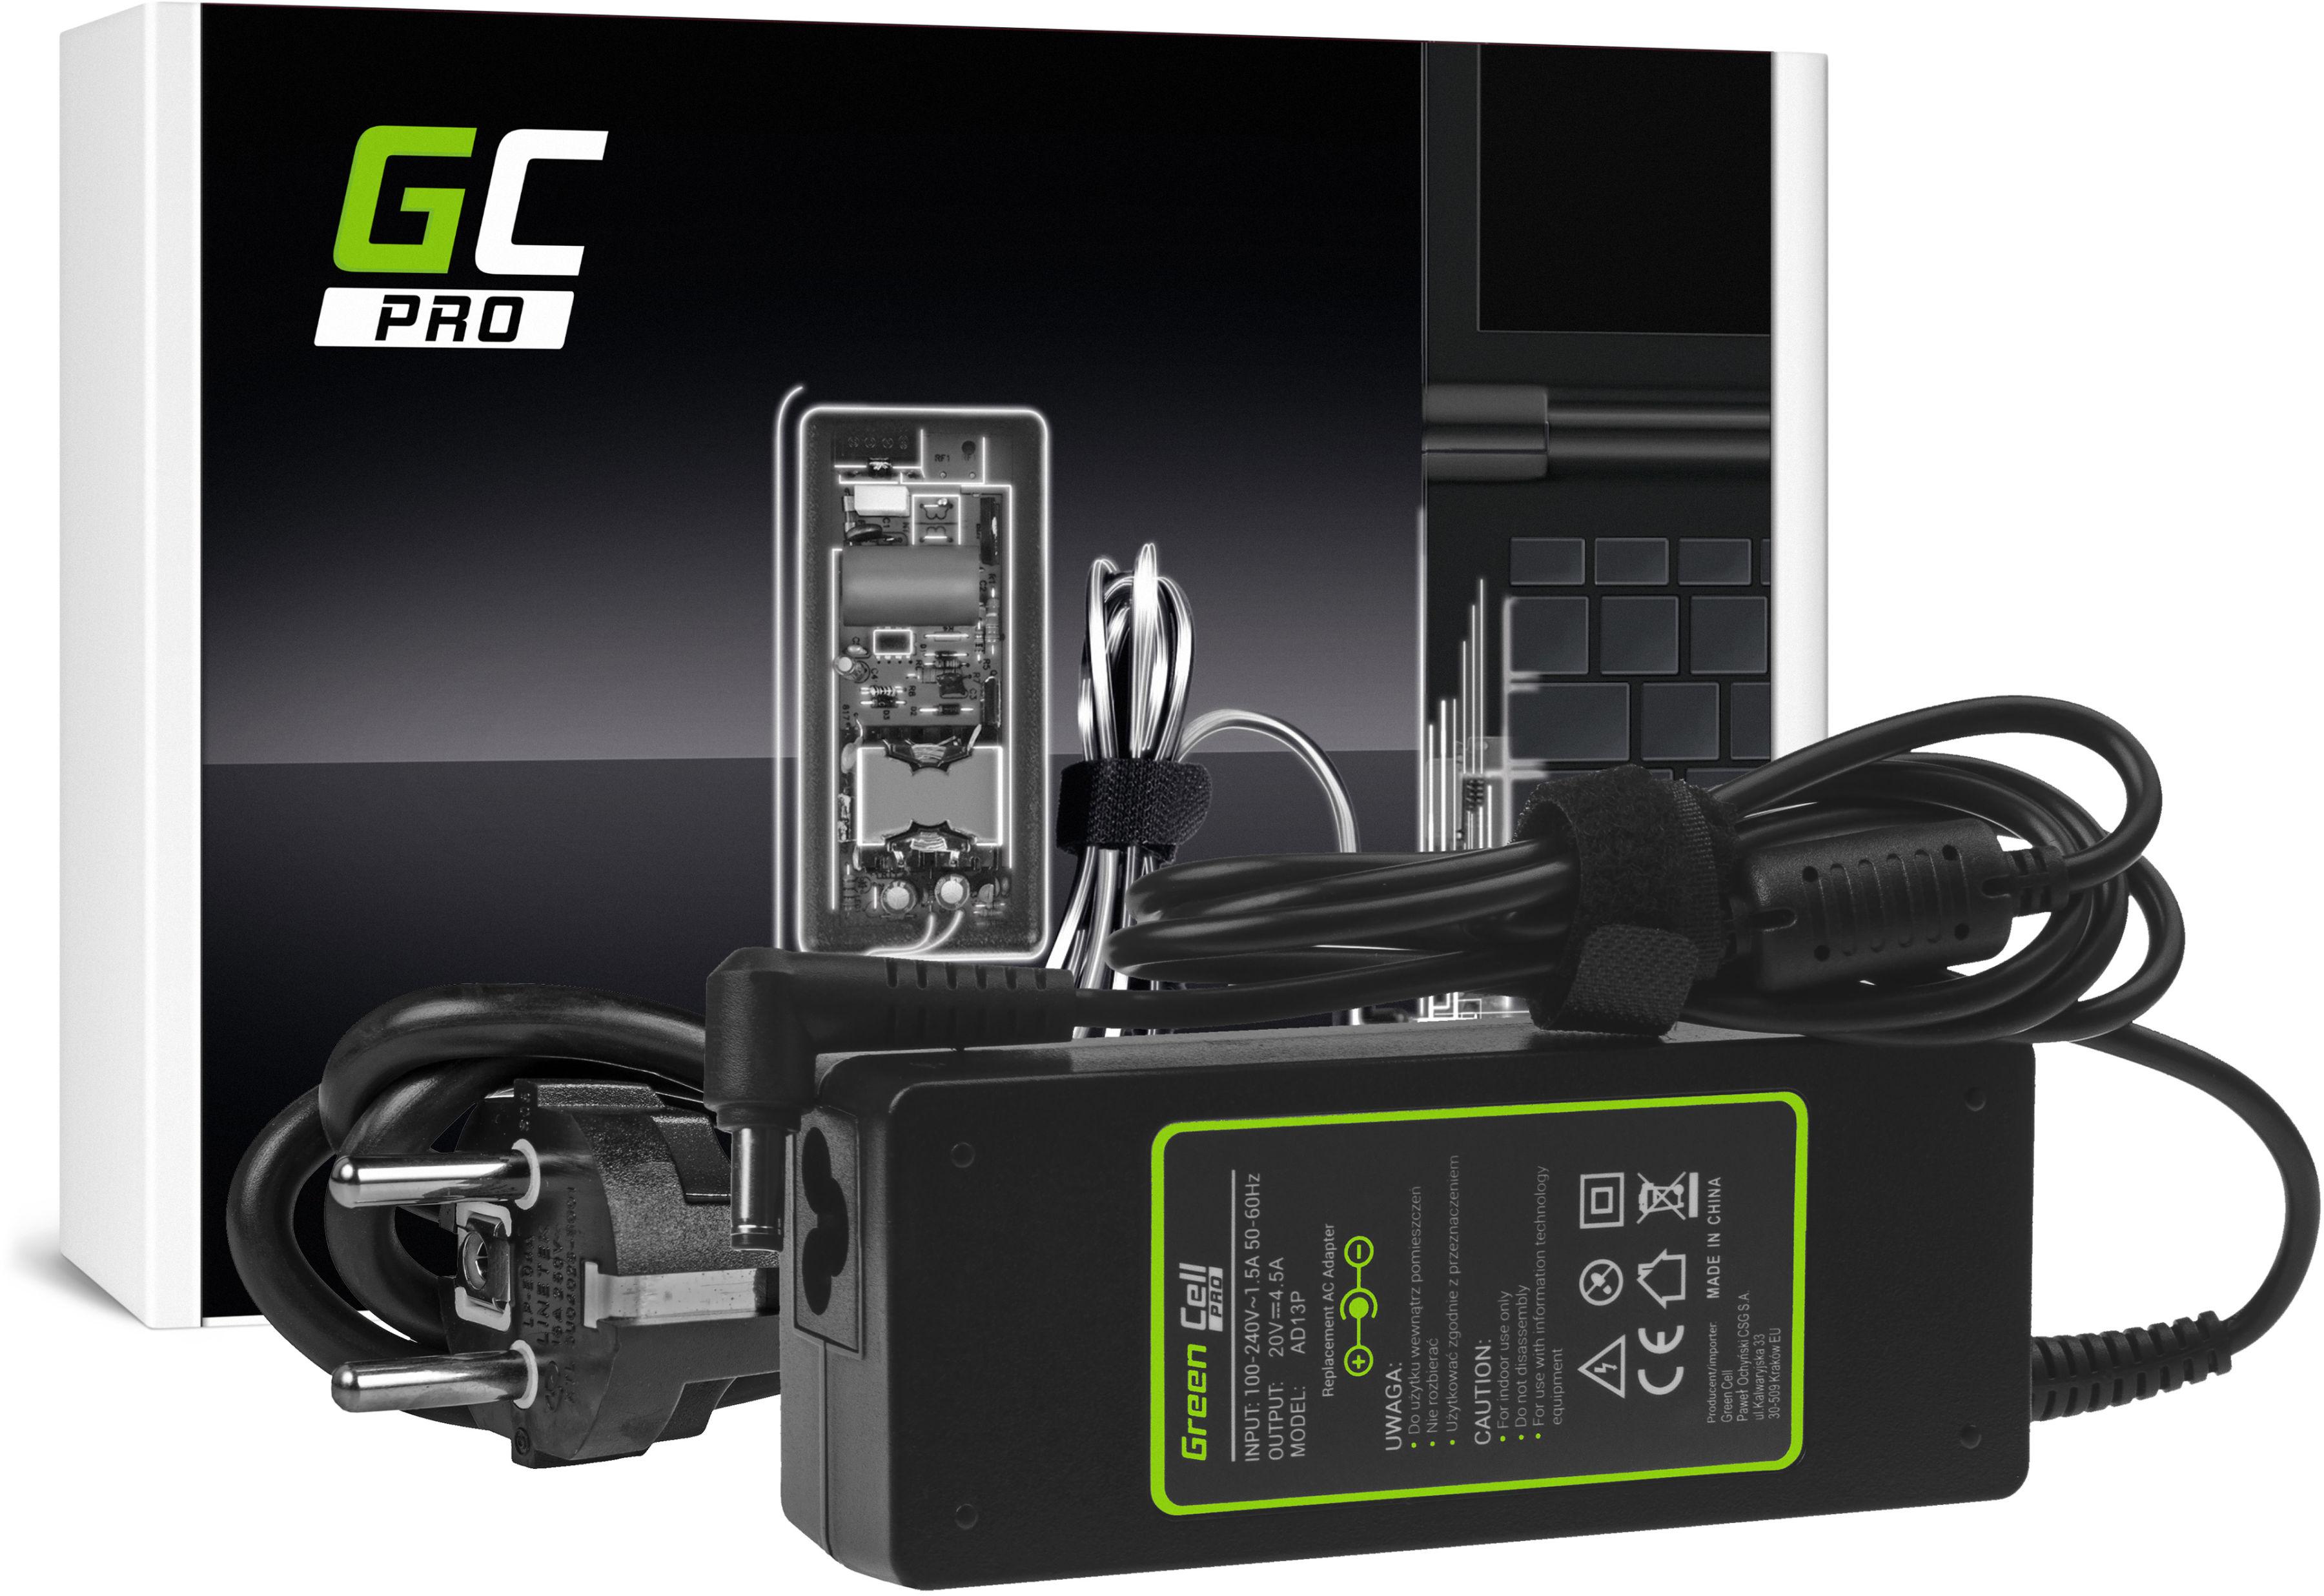 Zasilacz Ładowarka Green Cell PRO 20V 4.5A 90W do Lenovo B570 G550 G570 G575 G770 G780 G580 G585 IdeaPad P580 Z510 Z580 Z585